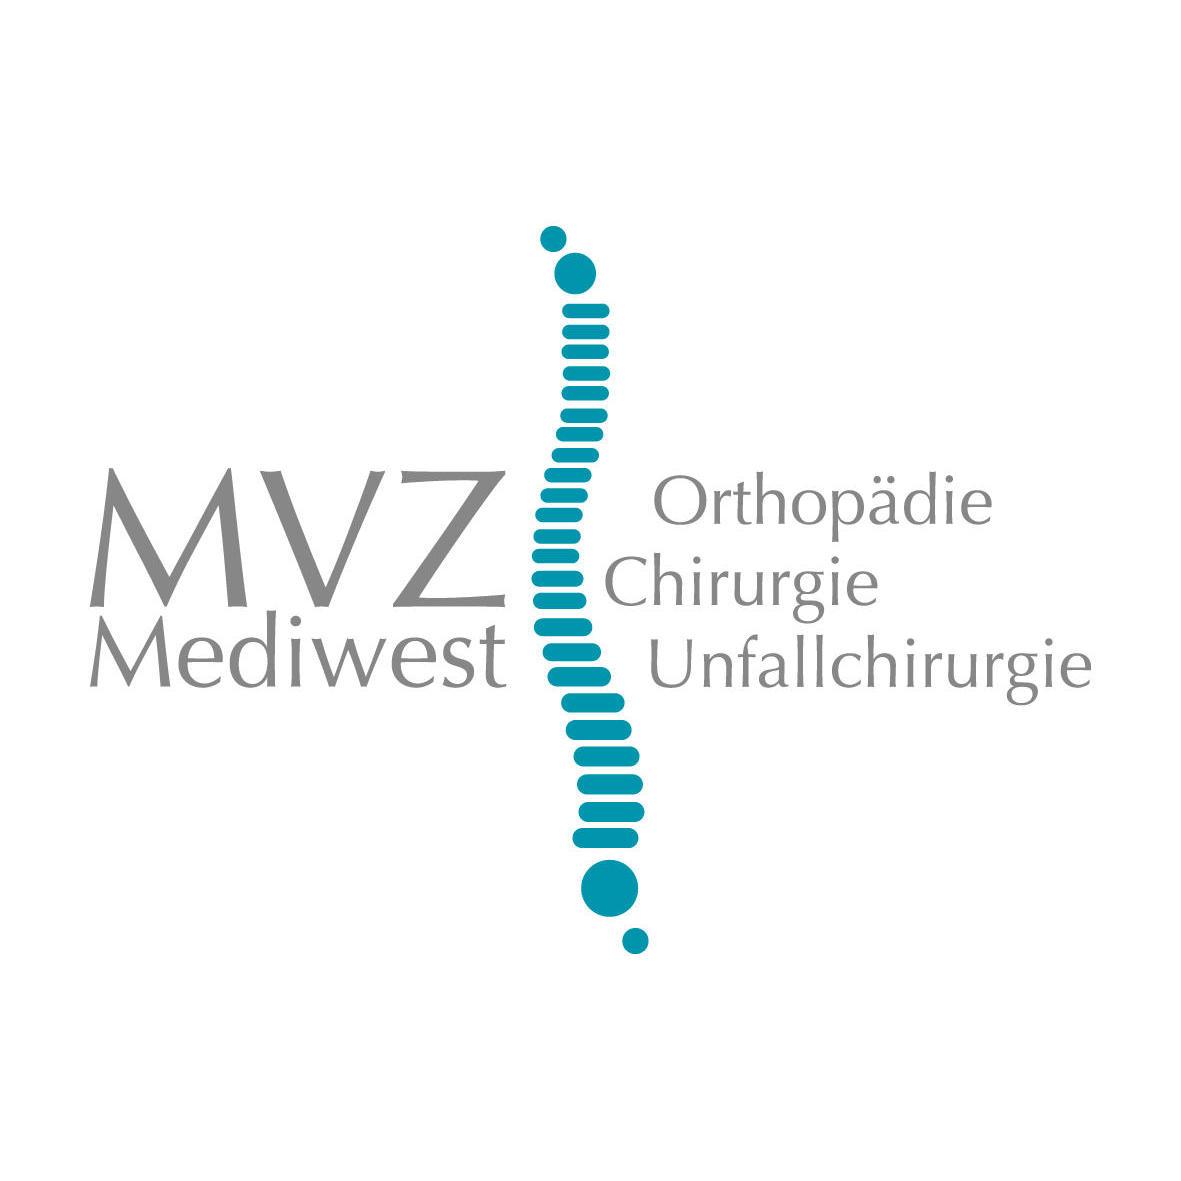 Bild zu MVZ für Orthopädie, Chirurgie und Unfallchirurgie Mediwest GbR in Krefeld